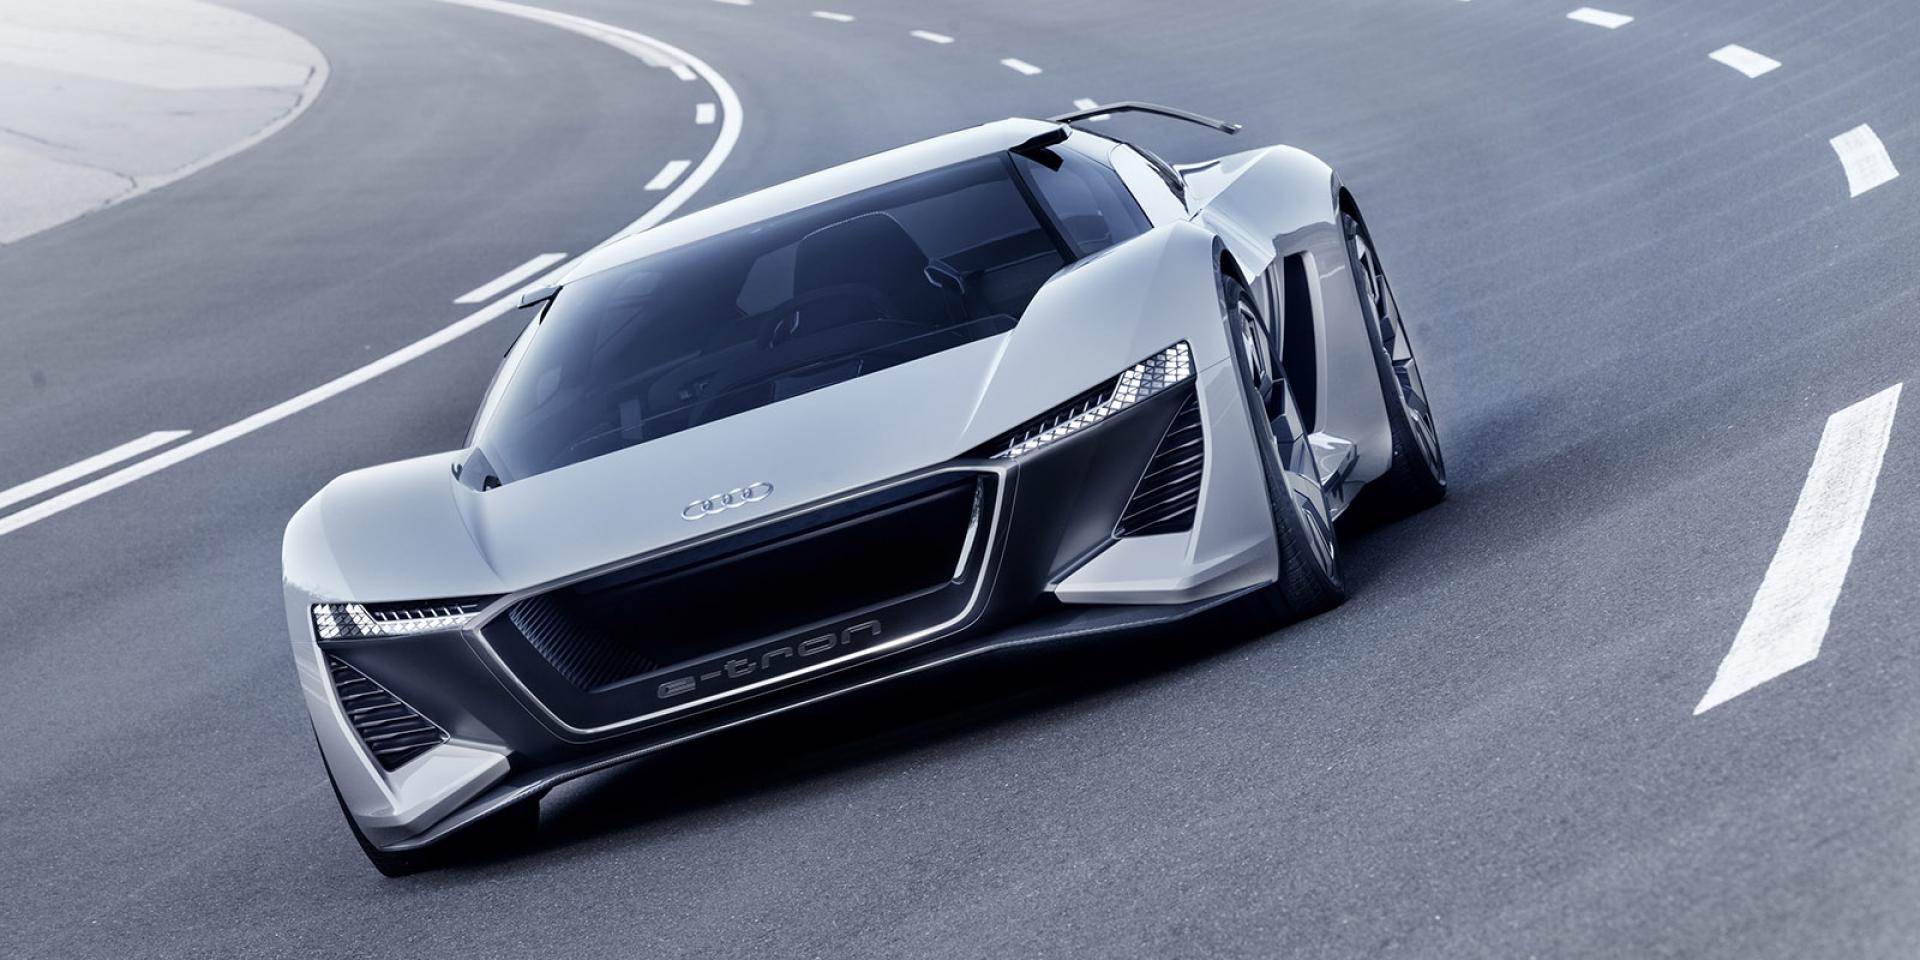 官方新聞稿。Audi PB 18 e-tron 純電概念超跑 顛覆未來純電競速想像 2018美國圓石灘車展全球正式發表